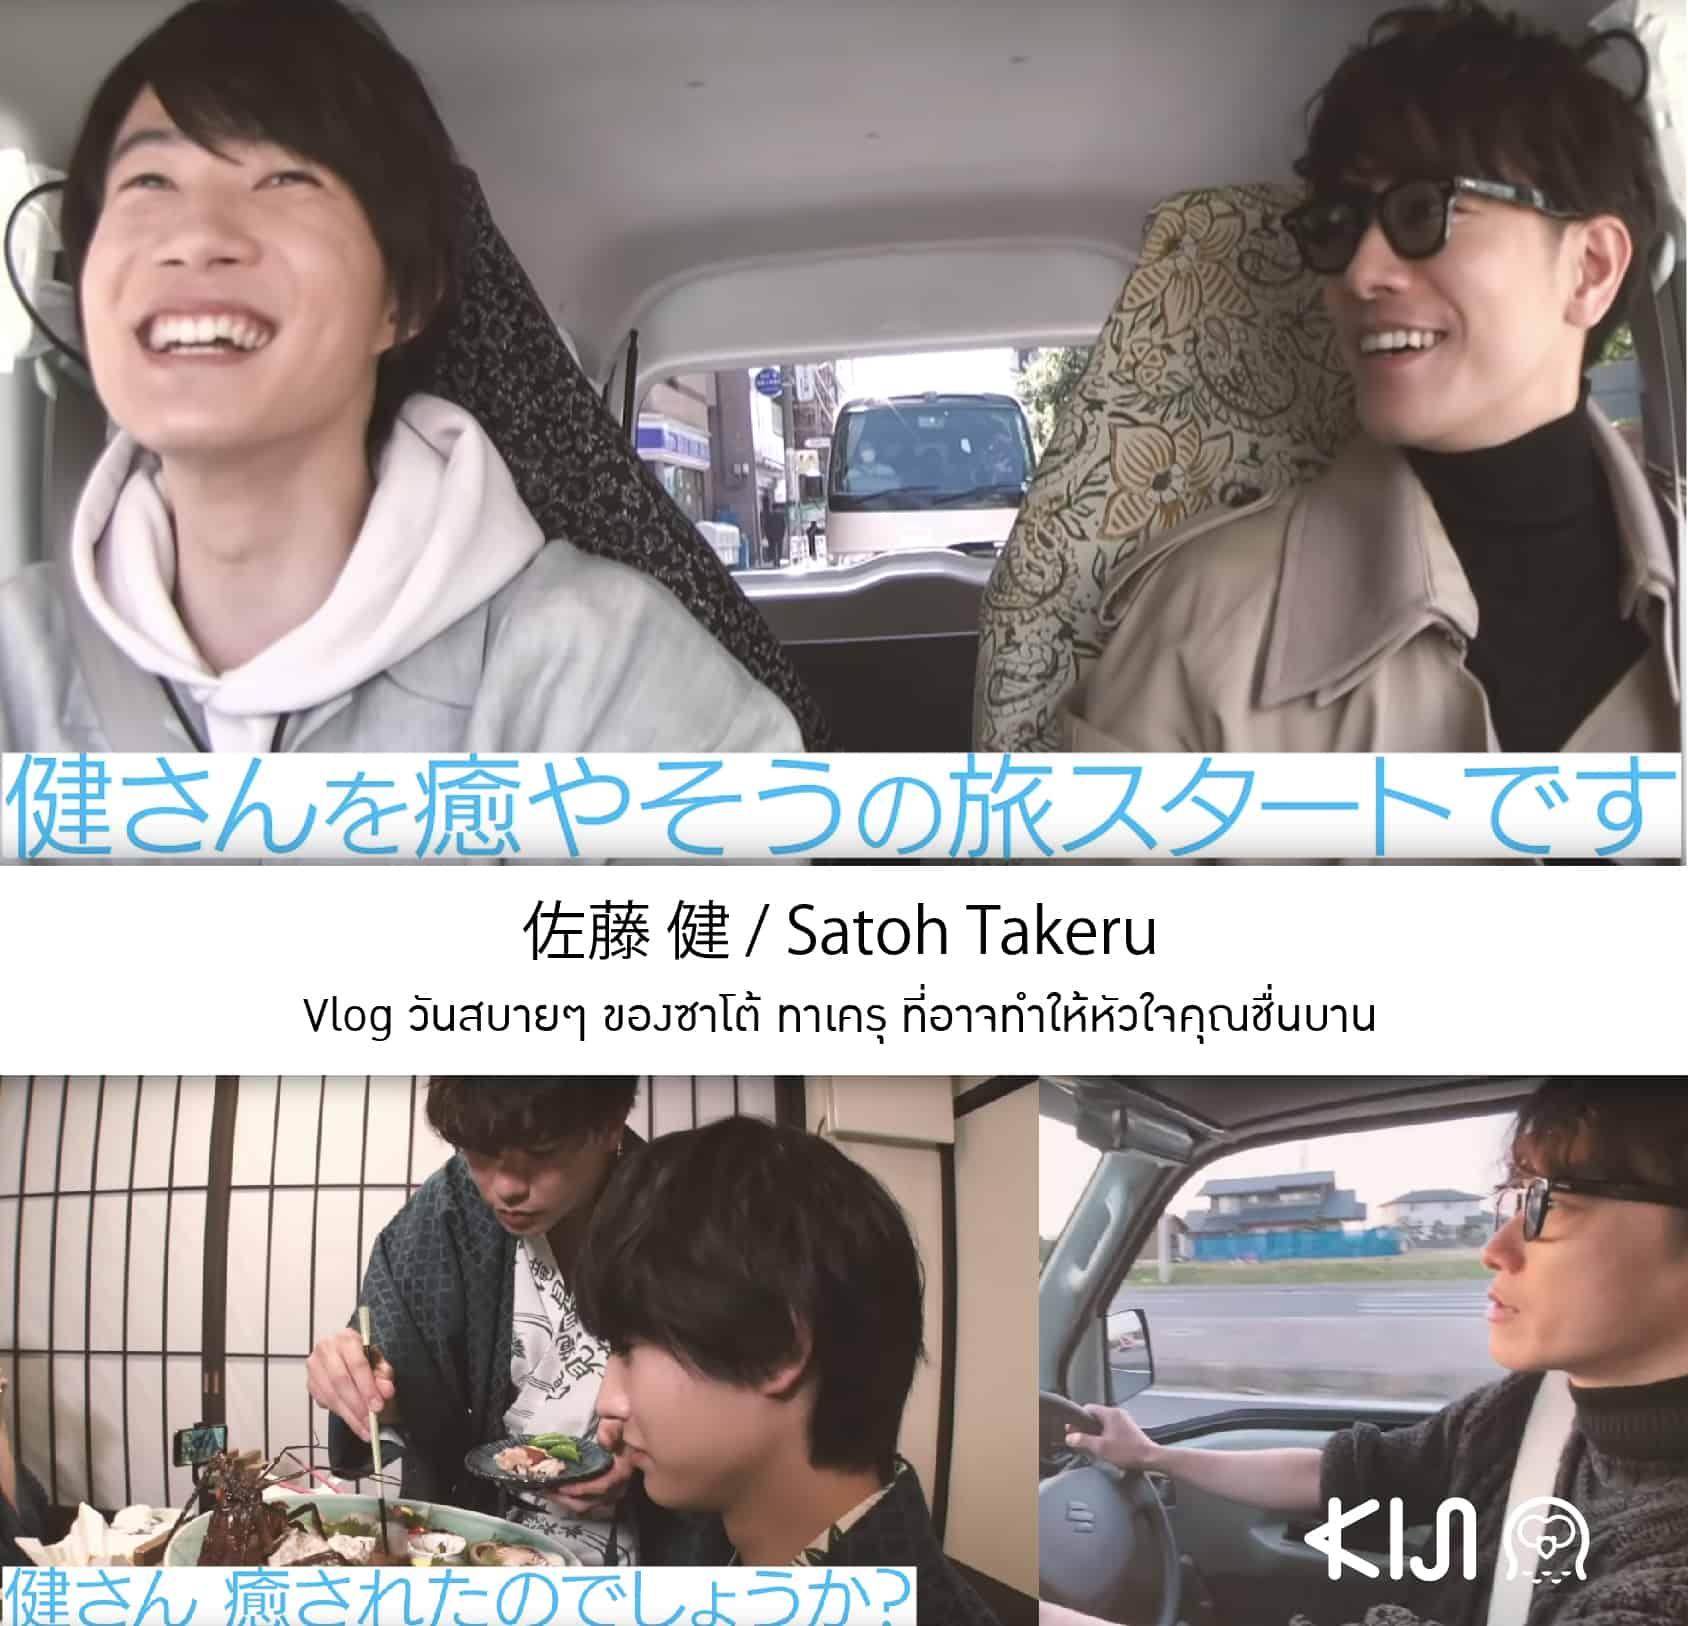 佐藤 健 / Satoh Takeru Vlog วันสบายๆ ของซาโต้ ทาเครุ ที่อาจทำให้หัวใจคุณชื่นบาน